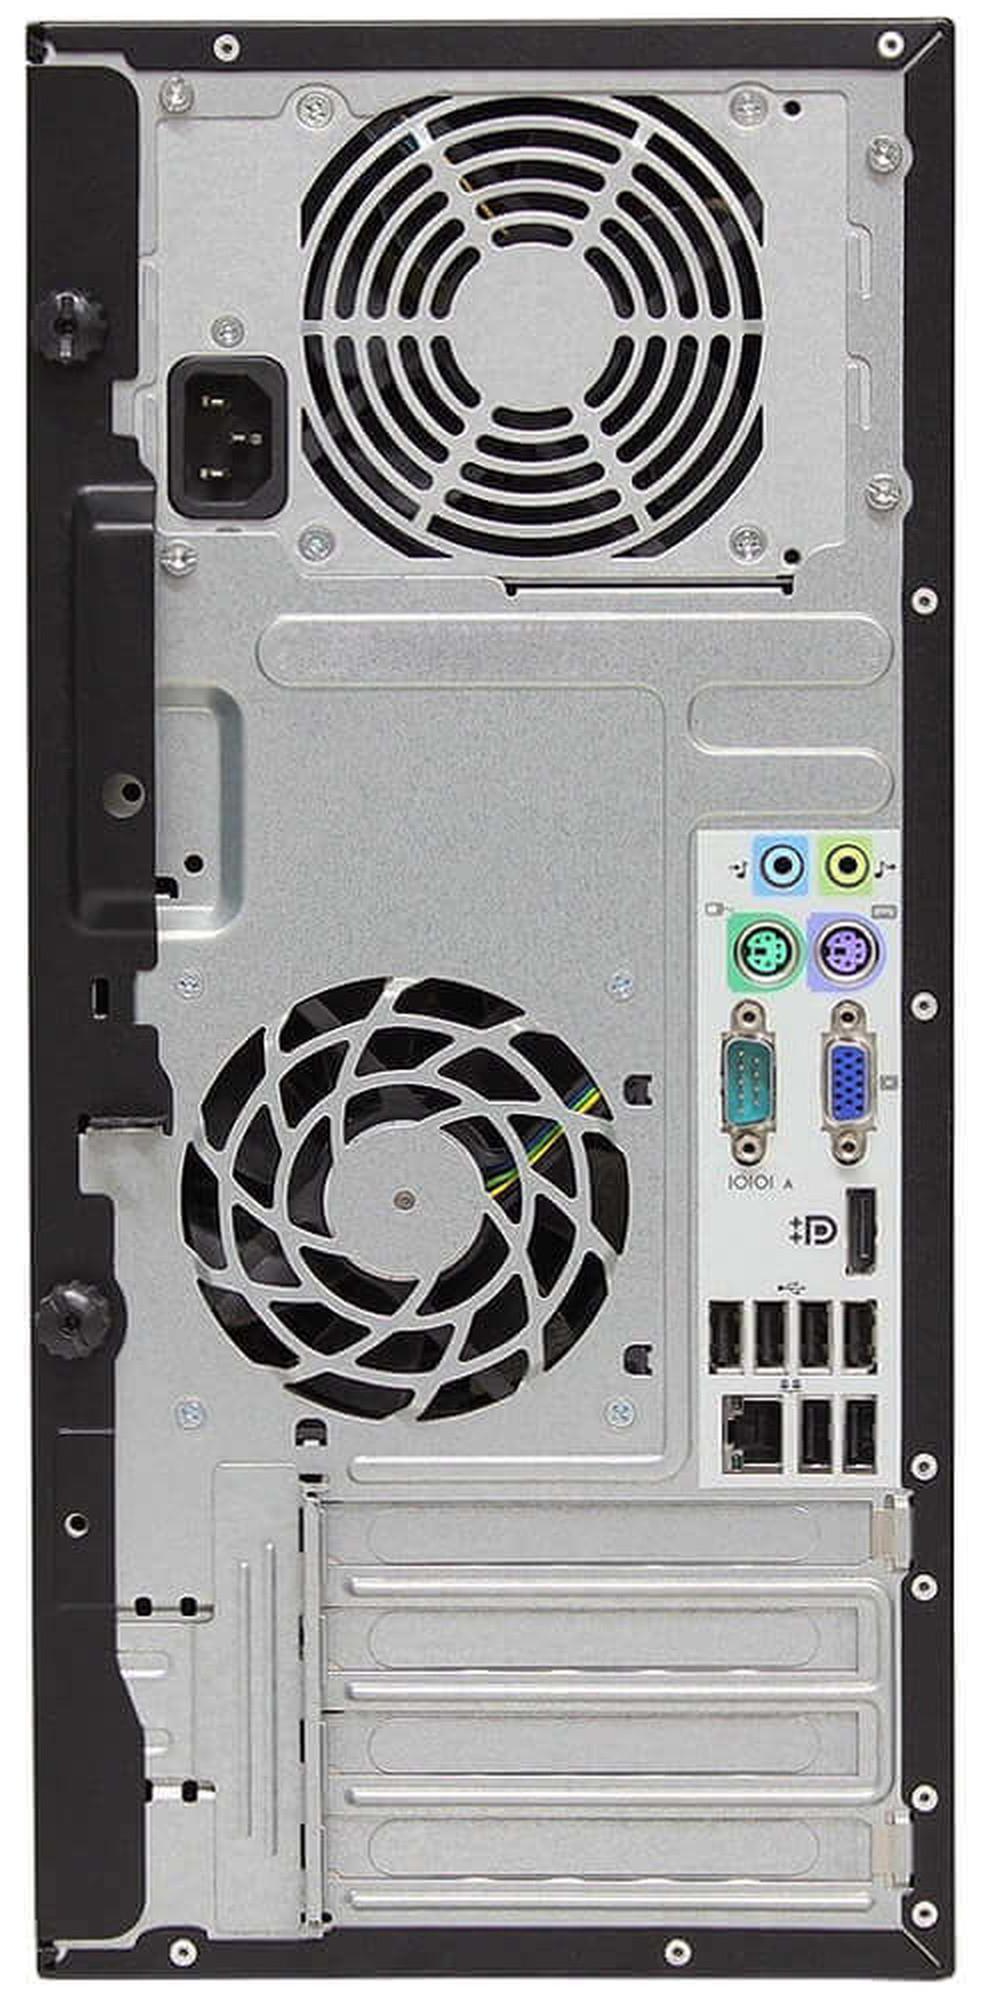 HP Compaq 6200 Pro MT